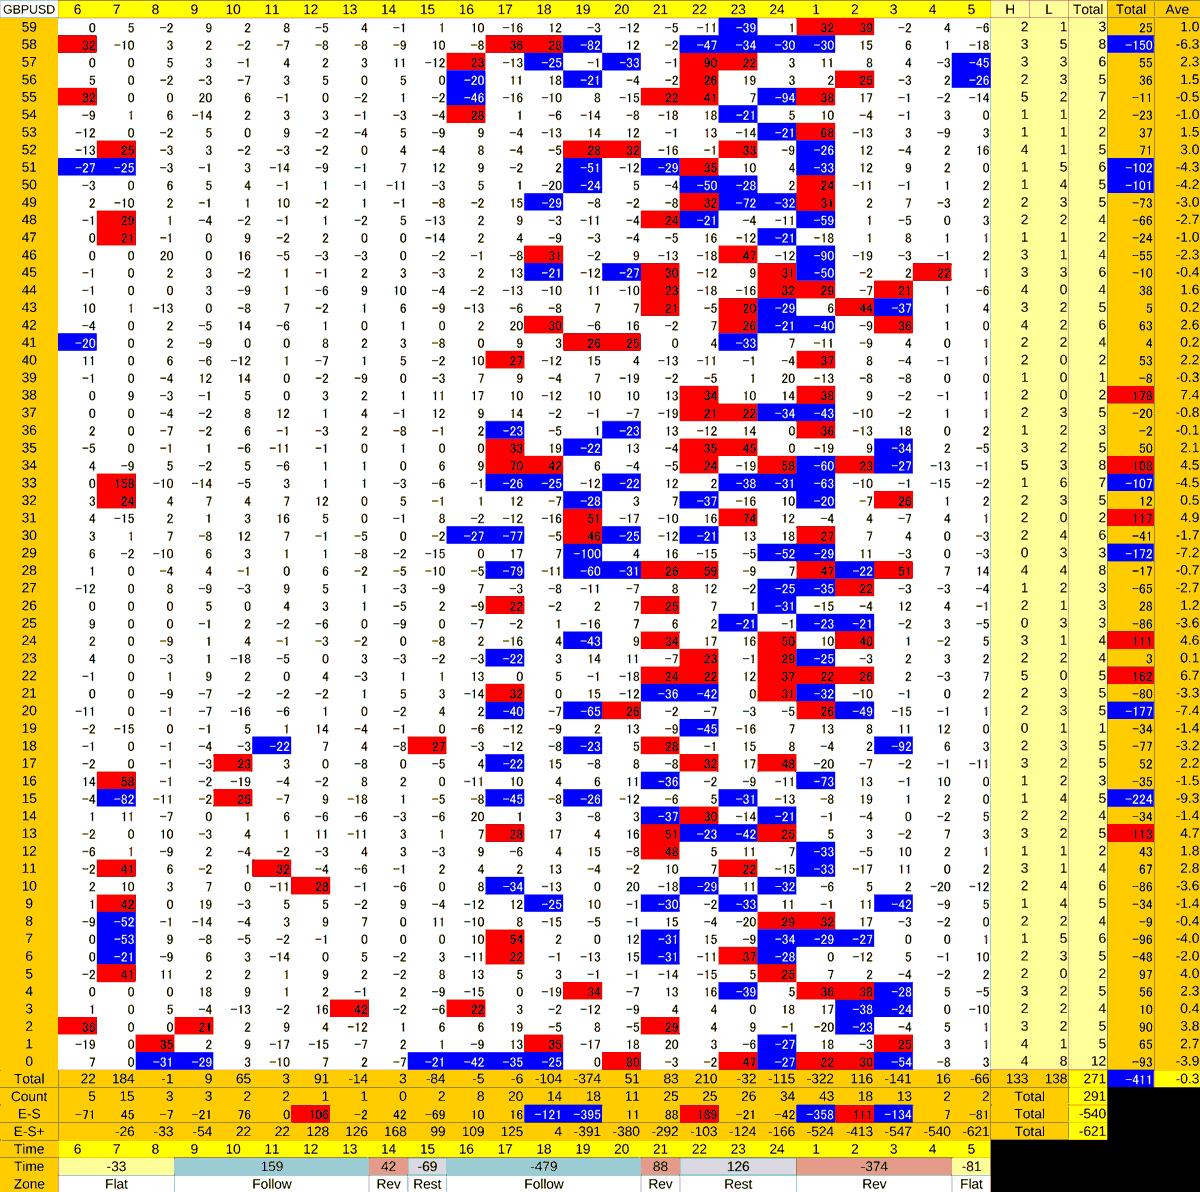 20201127_HS(2)GBPUSD